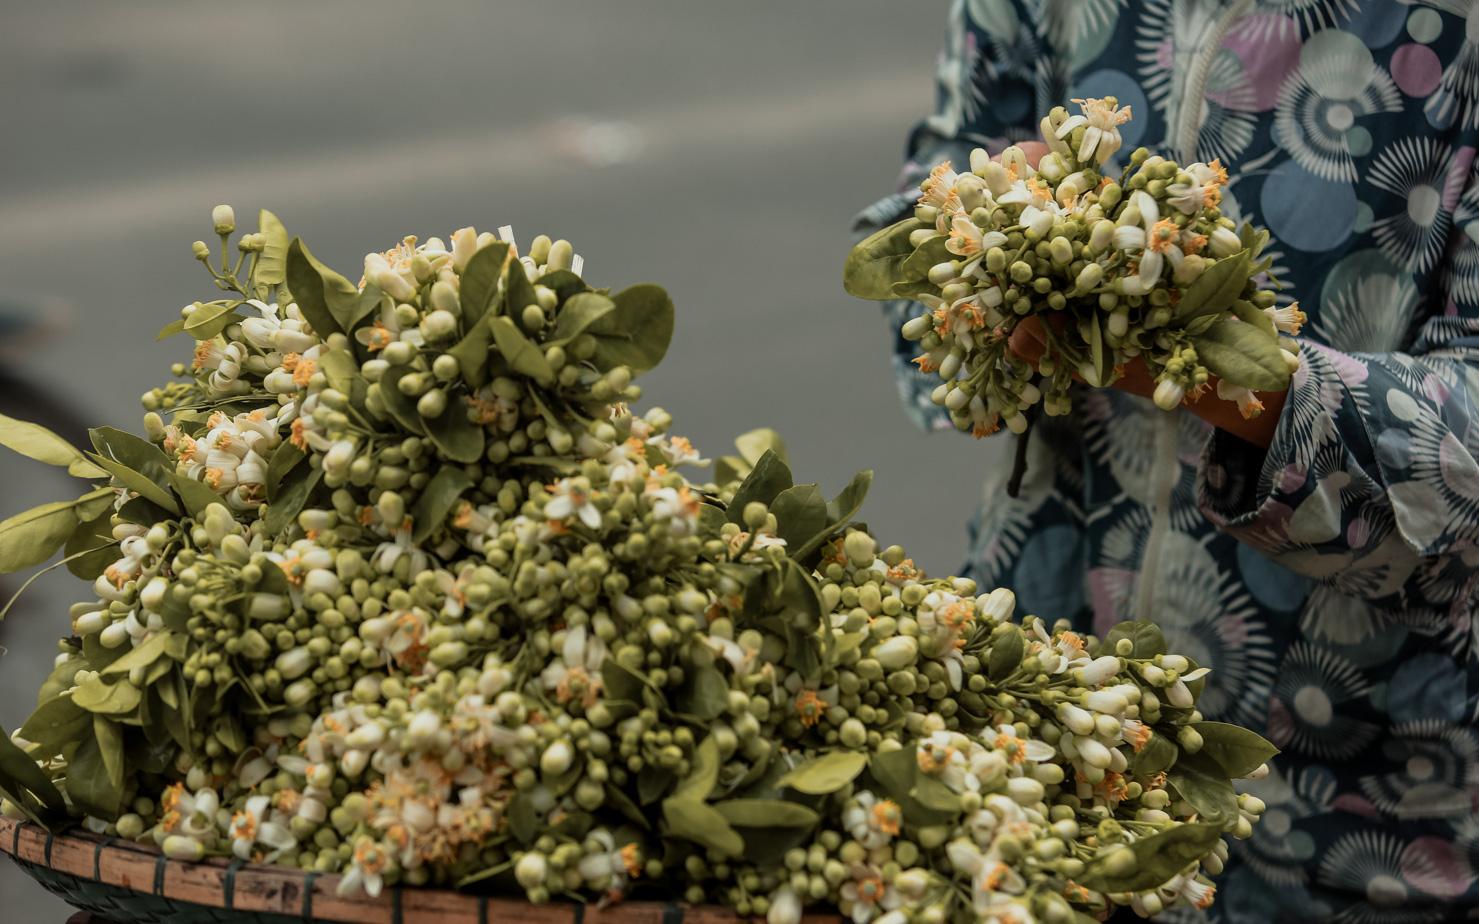 Chùm ảnh: Cuối tháng Giêng, giữa phố phường Hà Nội bỗng bắt gặp hương bưởi, phả vào trong gió se